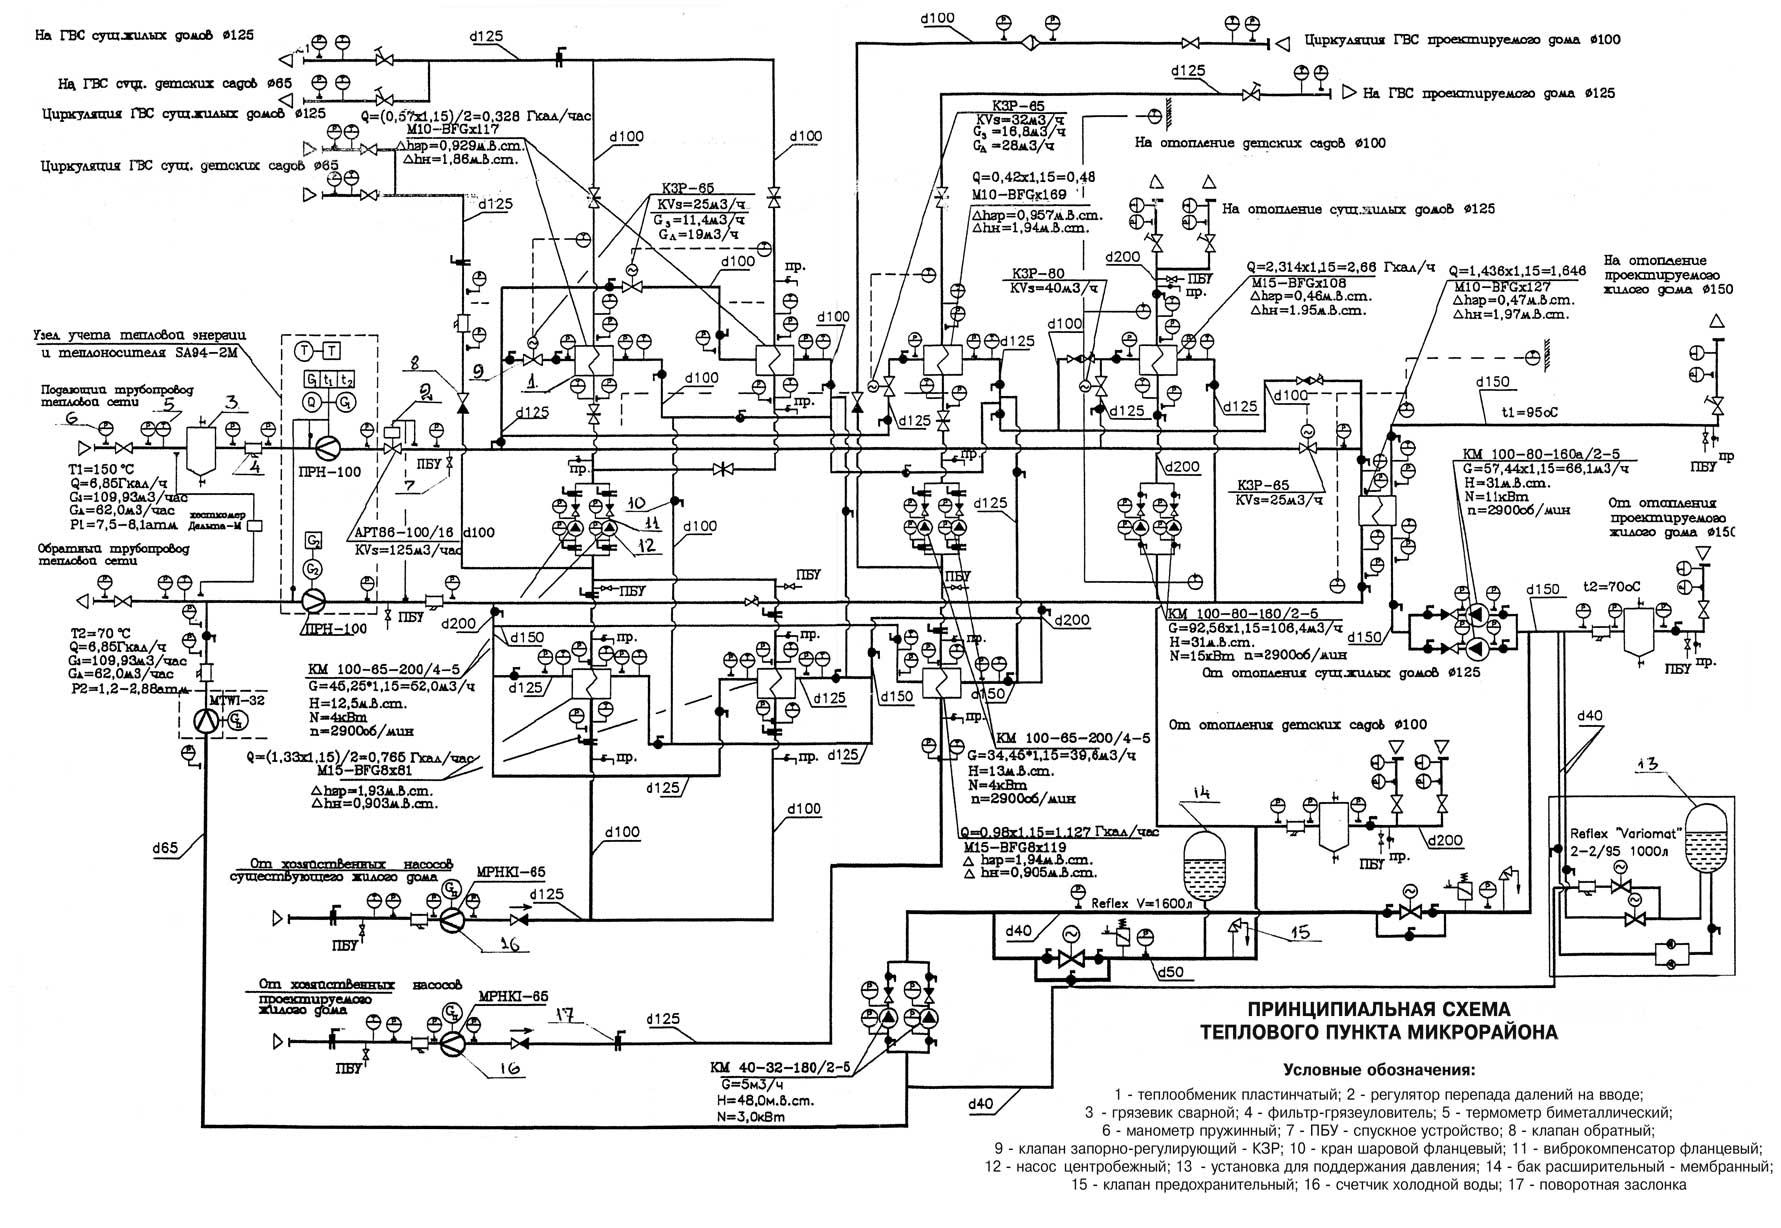 Что должно быть на схеме автоматизации